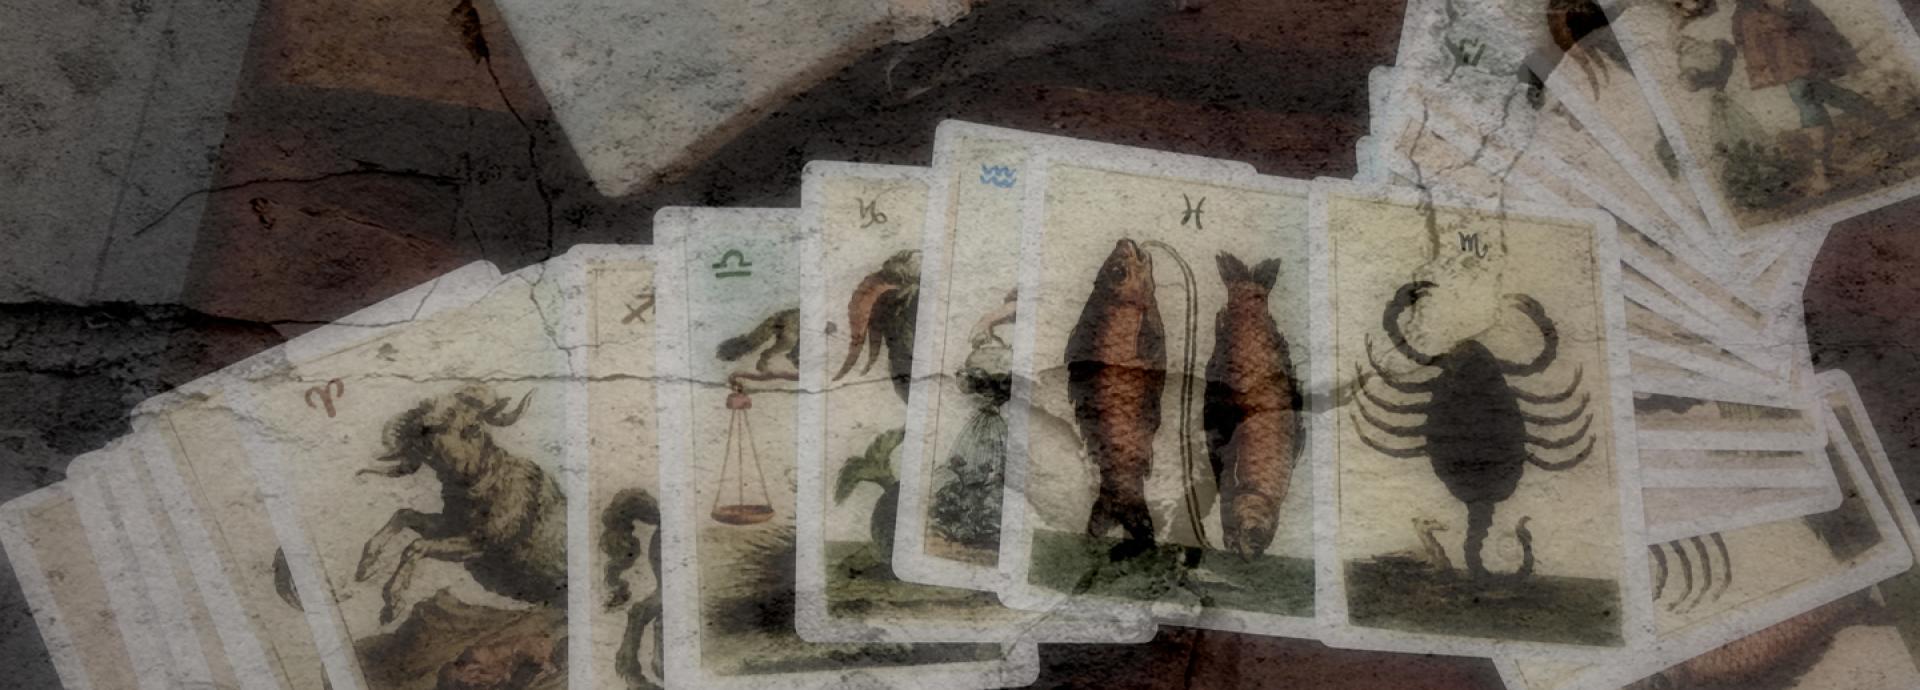 Cartes du zodiaque Marseille, divination du zodiaque magique Marseille, la mgie du Zodiaque, les signes du Zodiaque